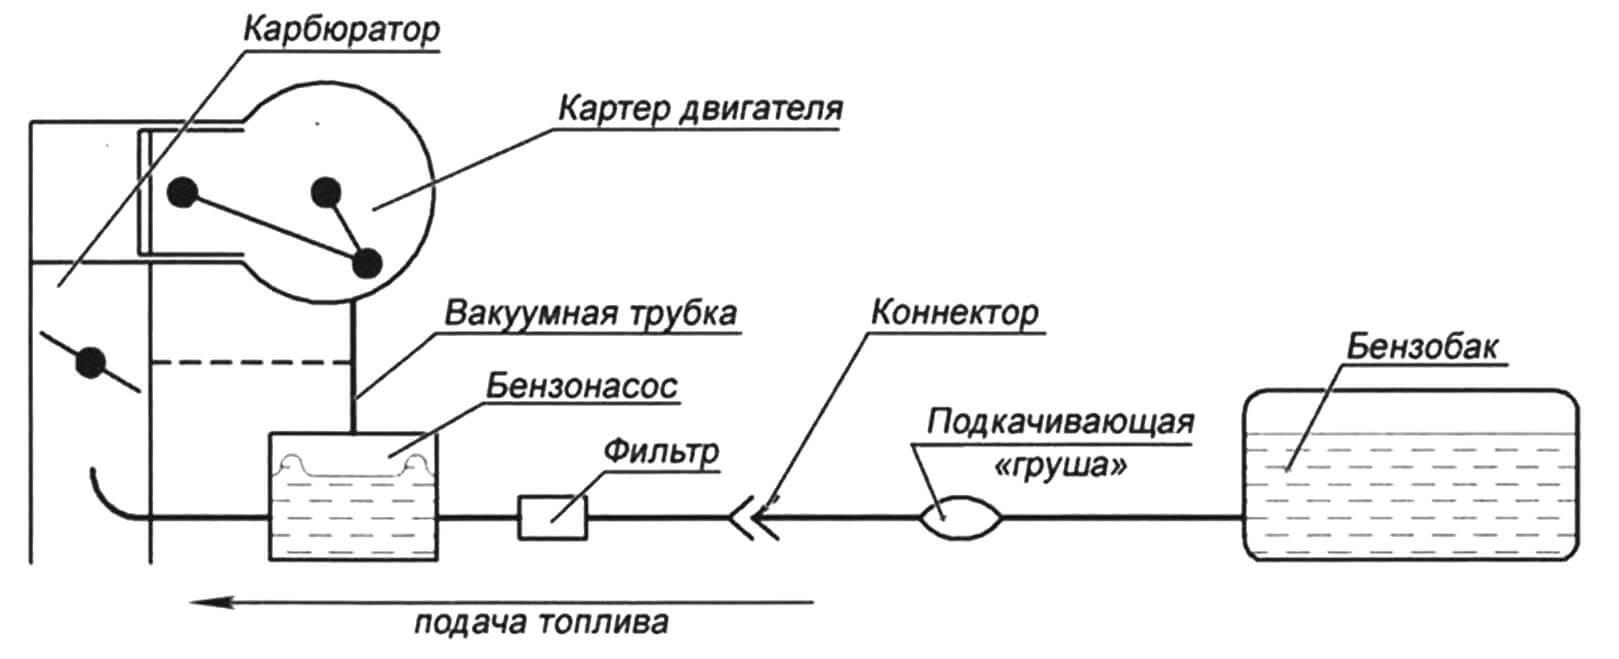 Схема топливной системы лодочного мотора с вакуумным бензонасосом